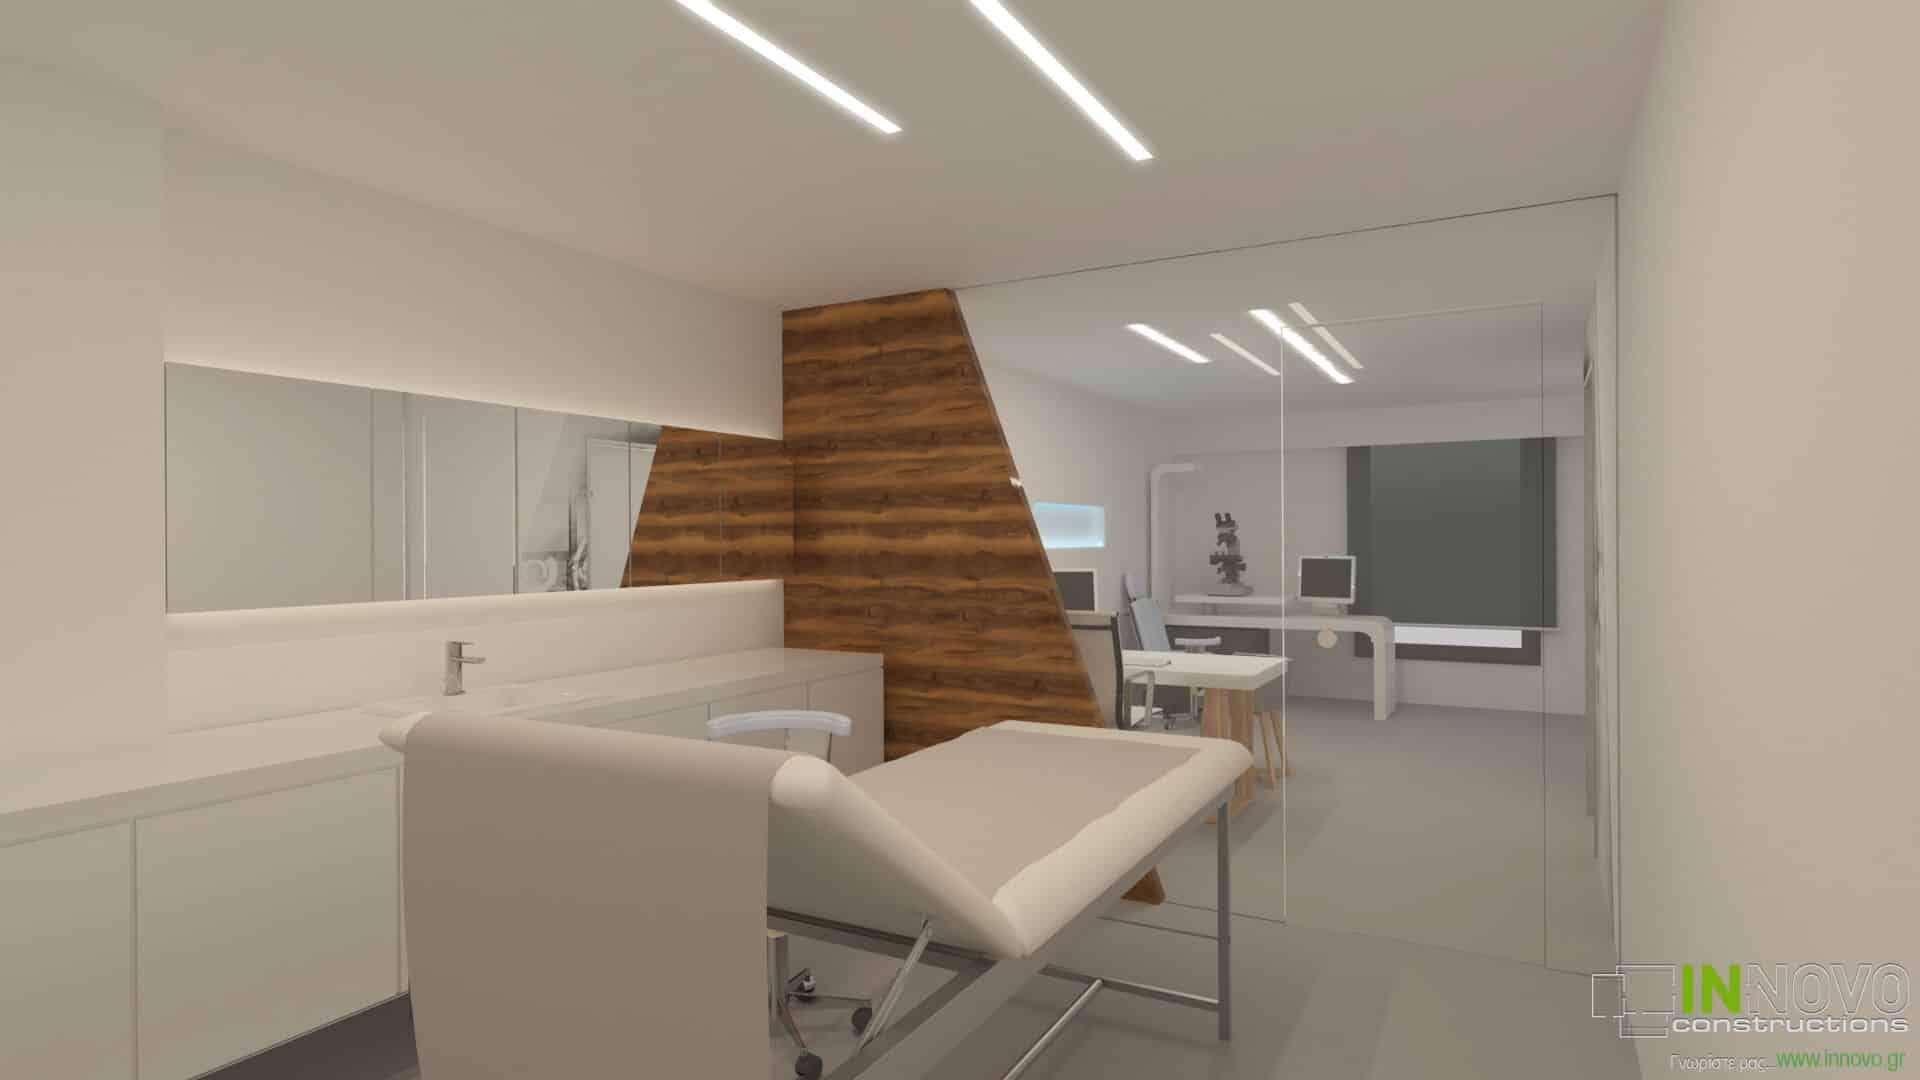 Κατασκευή οφθαλμολογικής κλινικής στη Γλυφάδα